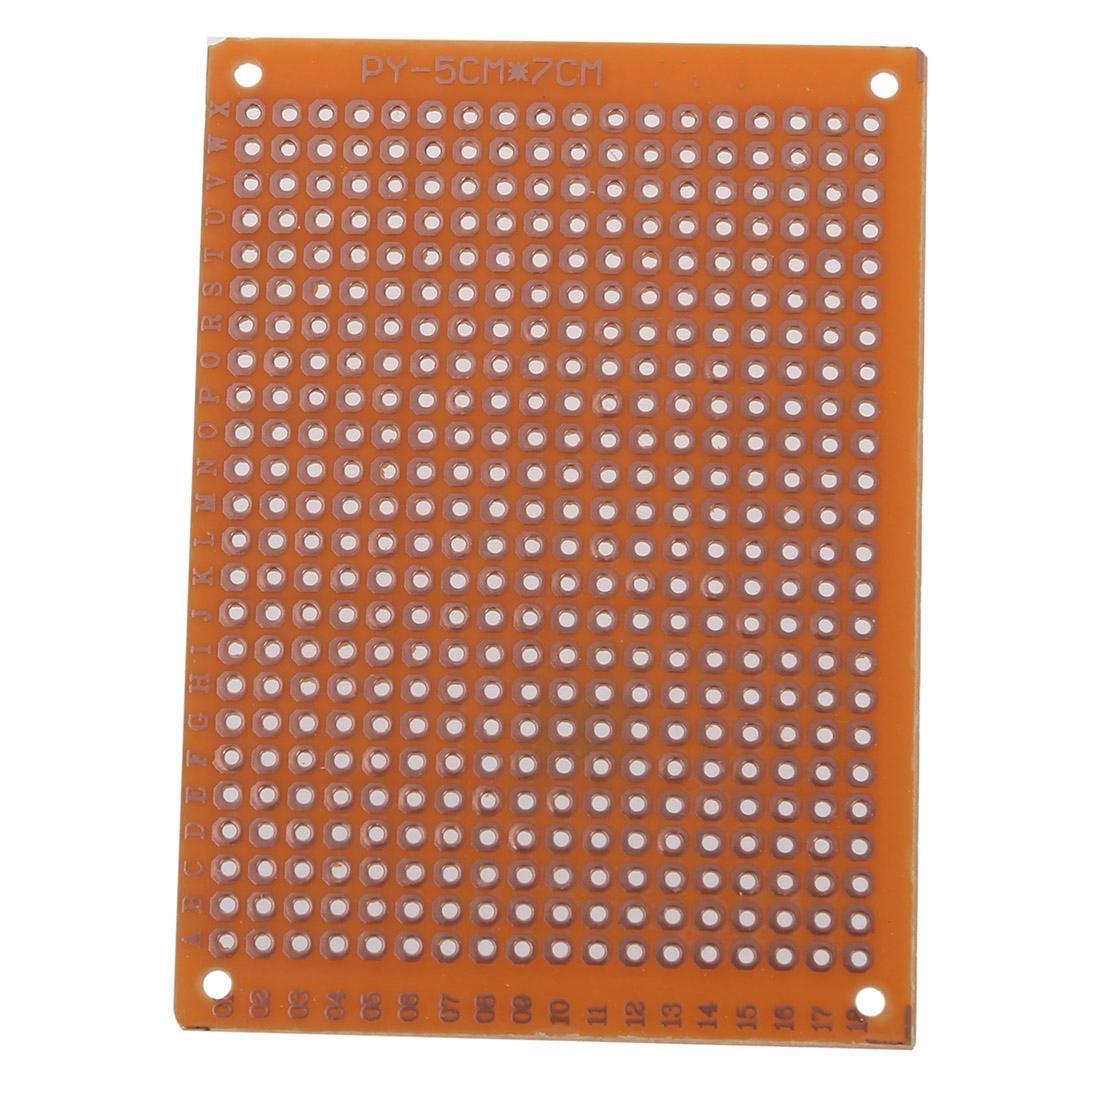 SODIAL Clasico 10pzs PCB prototipo terminado soldadura para placa de circuito Tablero de circuitos BI4U R